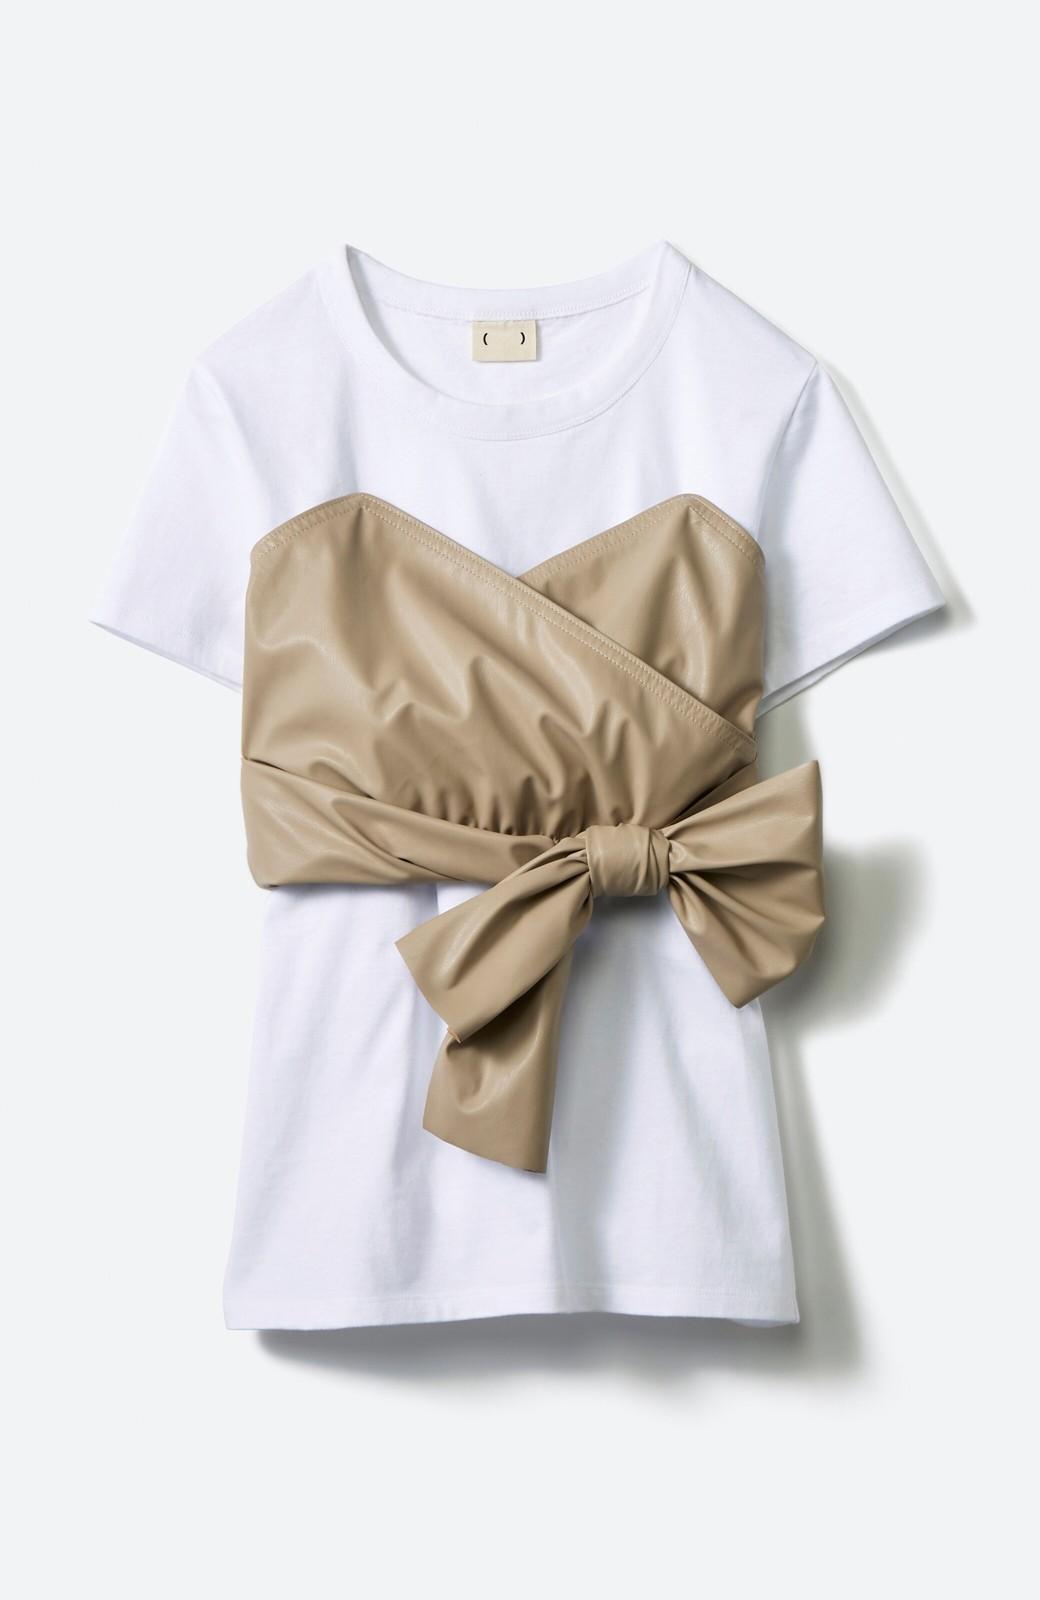 haco! Tシャツを女っぽく着こなせるオトナセットbyMAKORI <ホワイト>の商品写真2